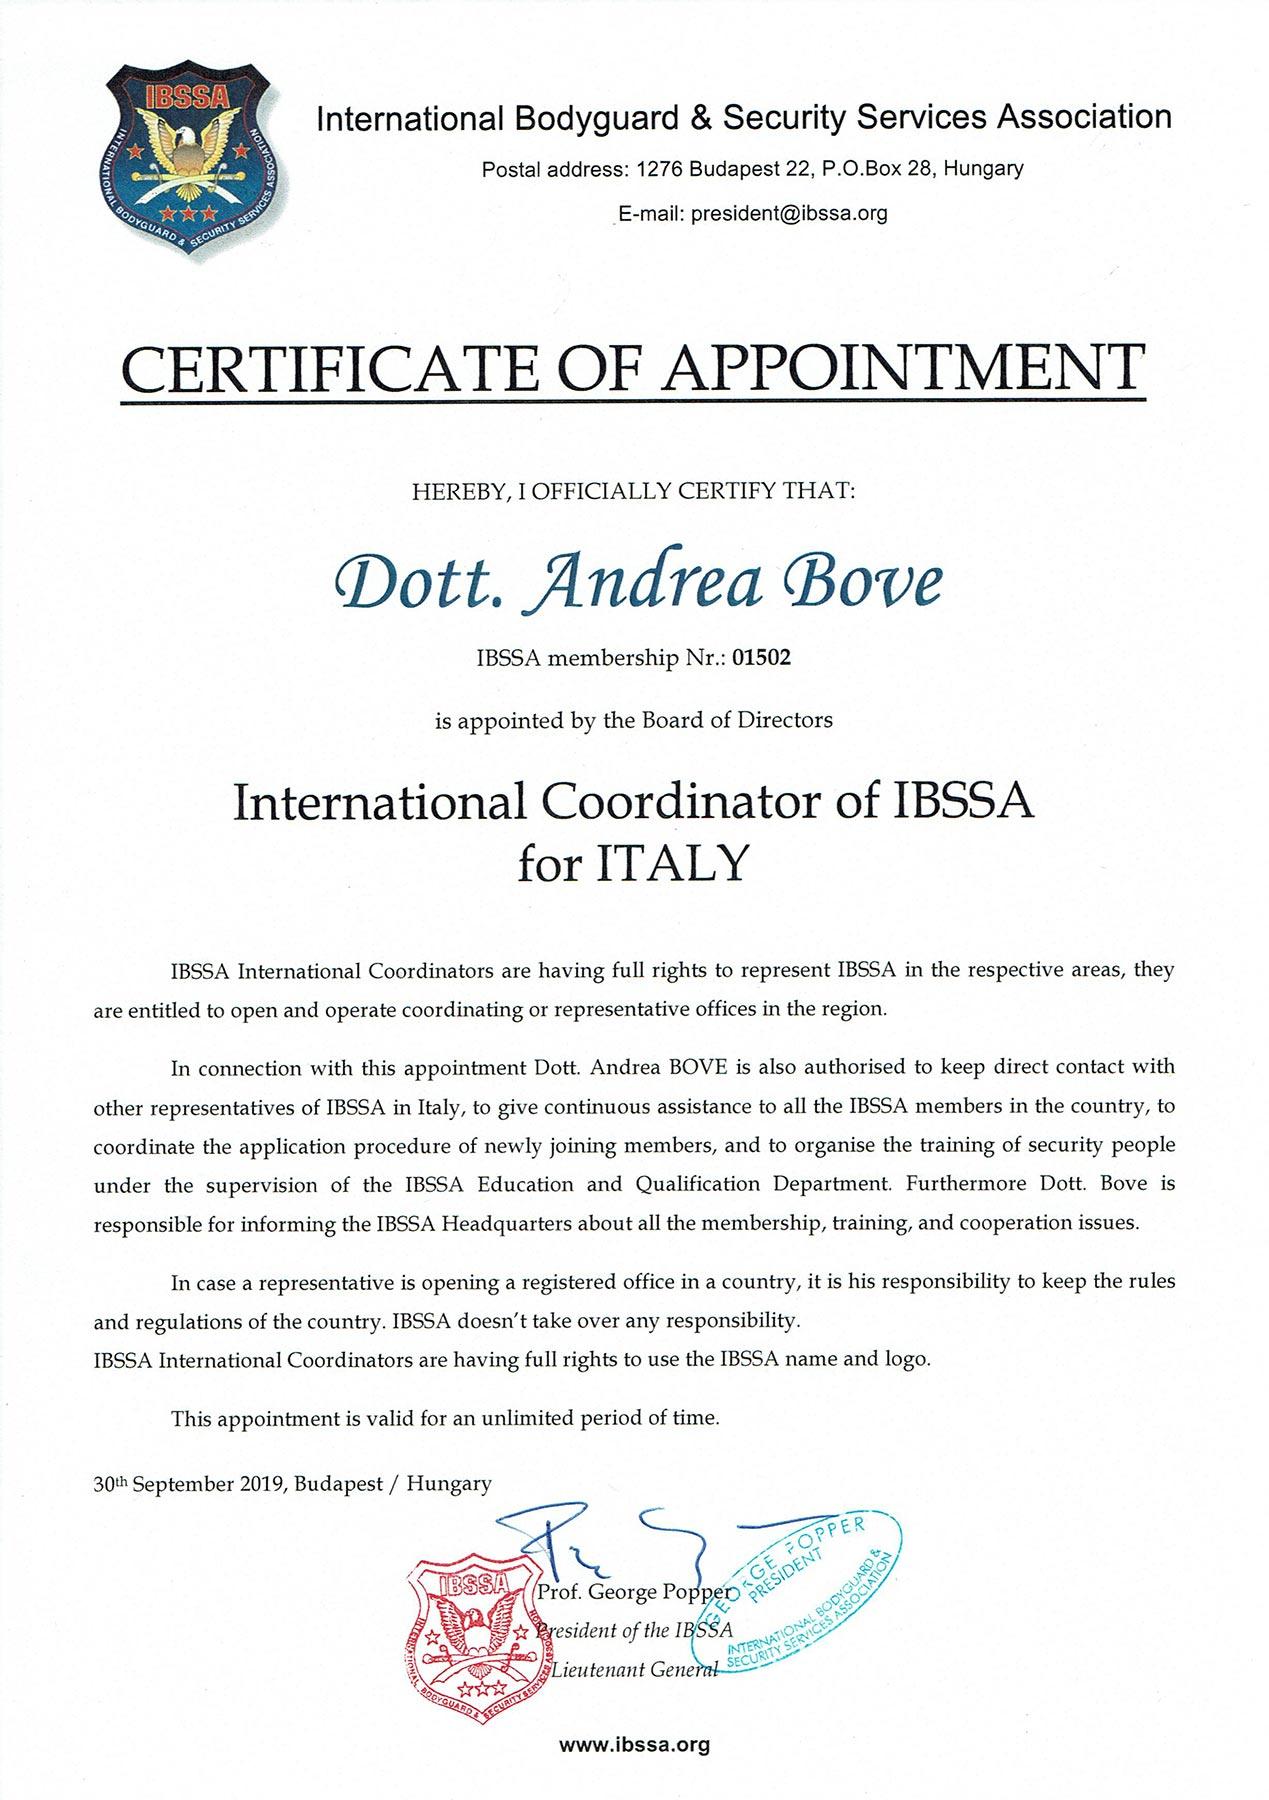 Andrea Bove Coordinatore Internazionale IBSSA Italia